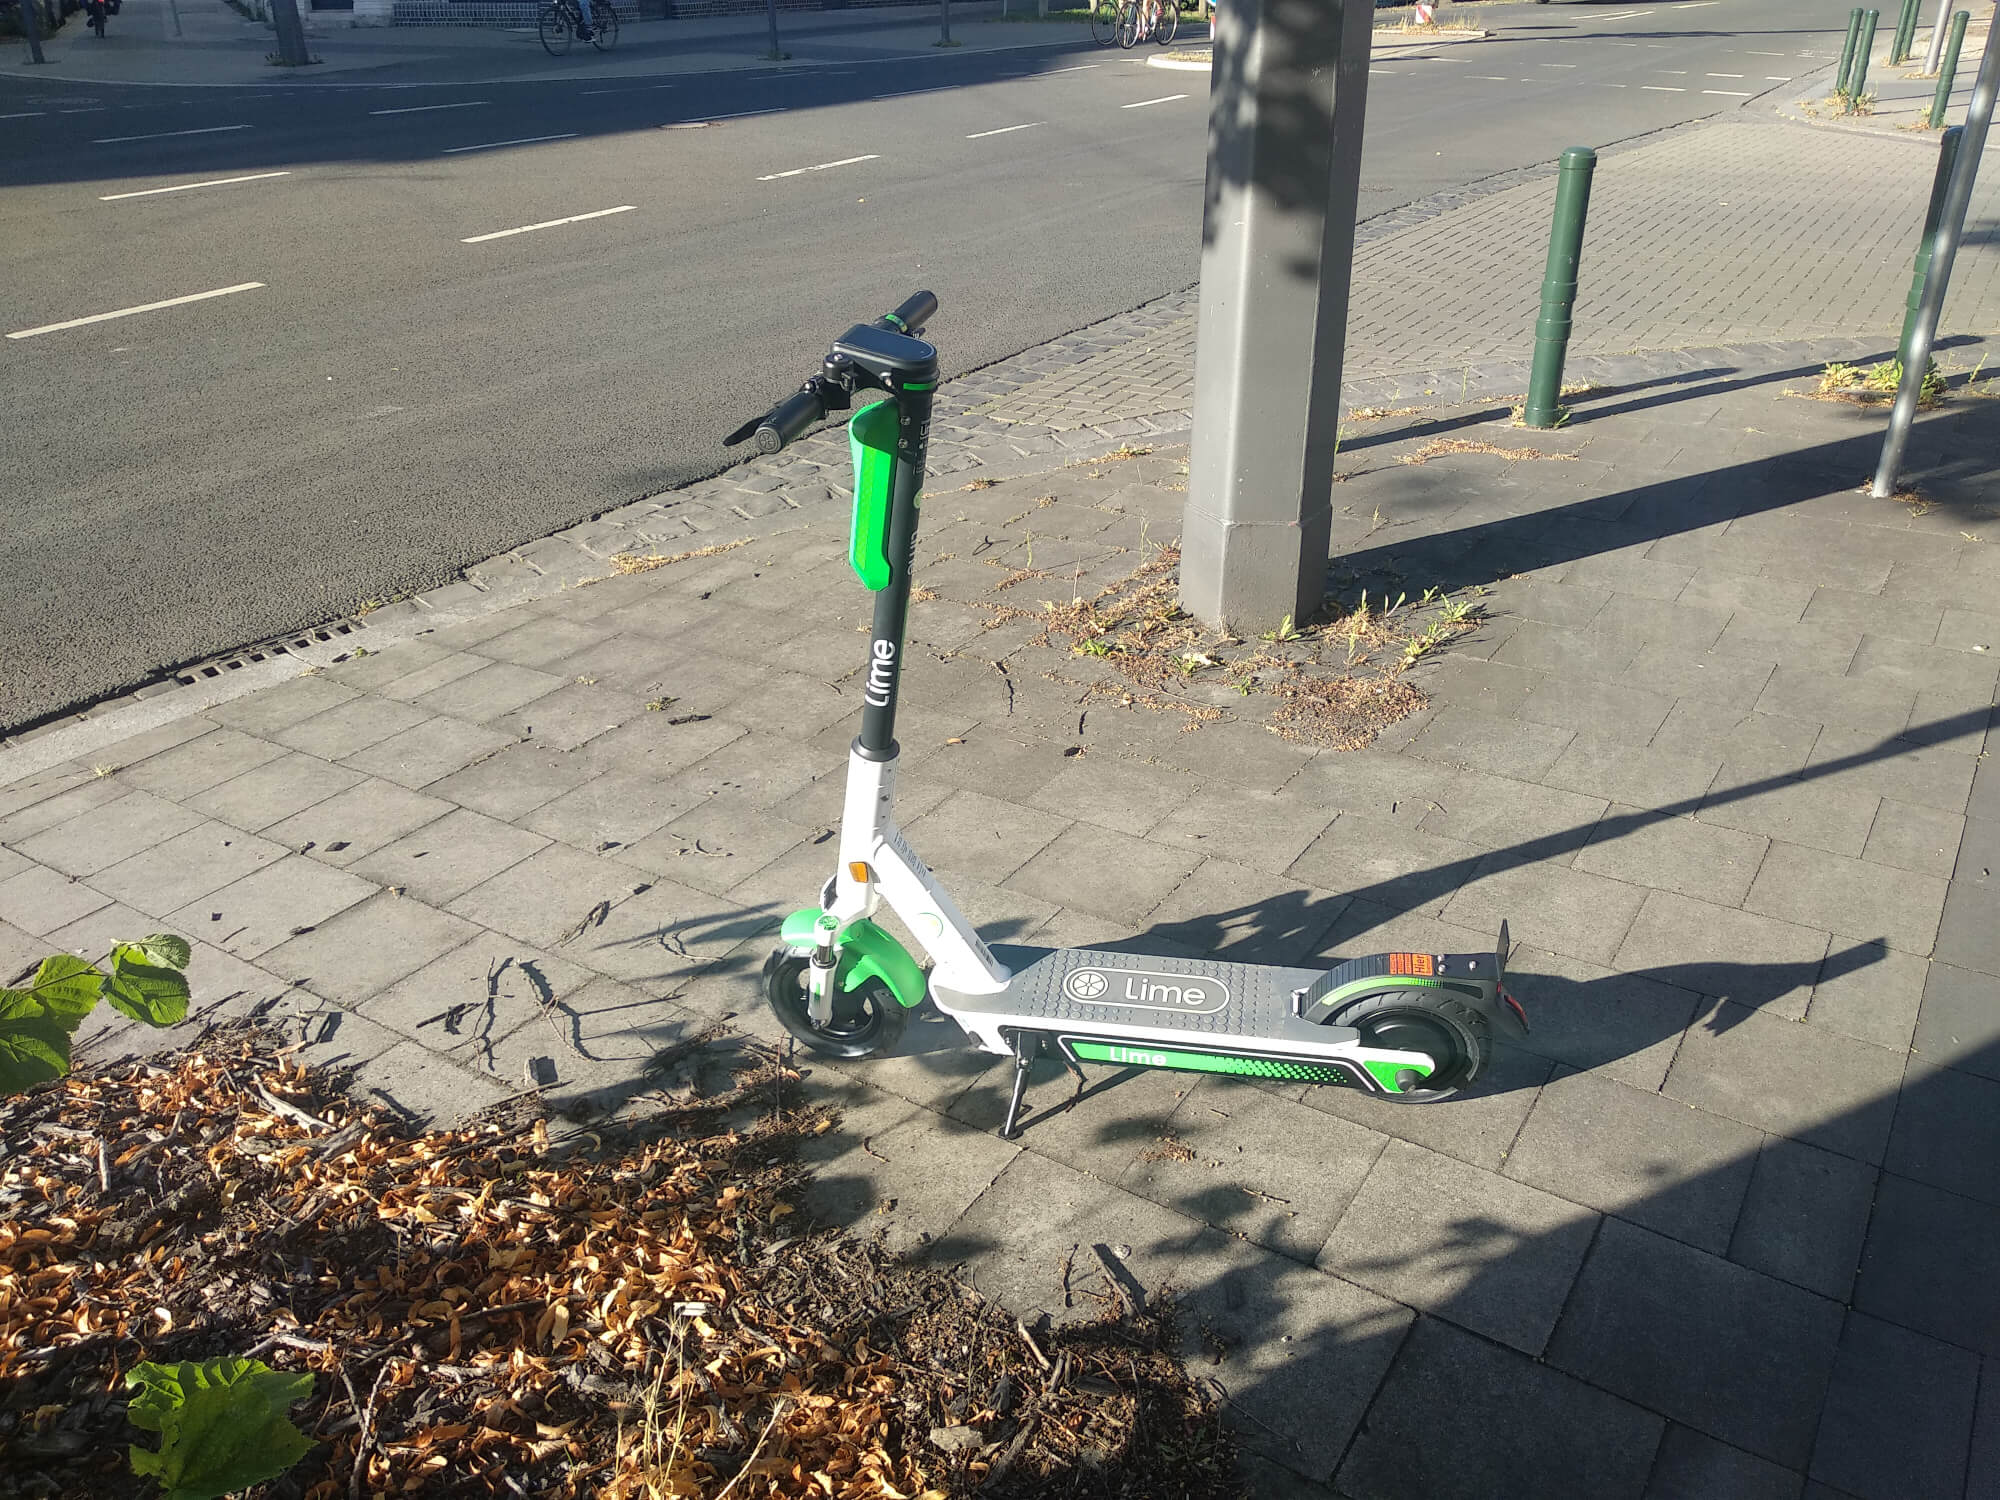 Ein E-Scooter von Lime